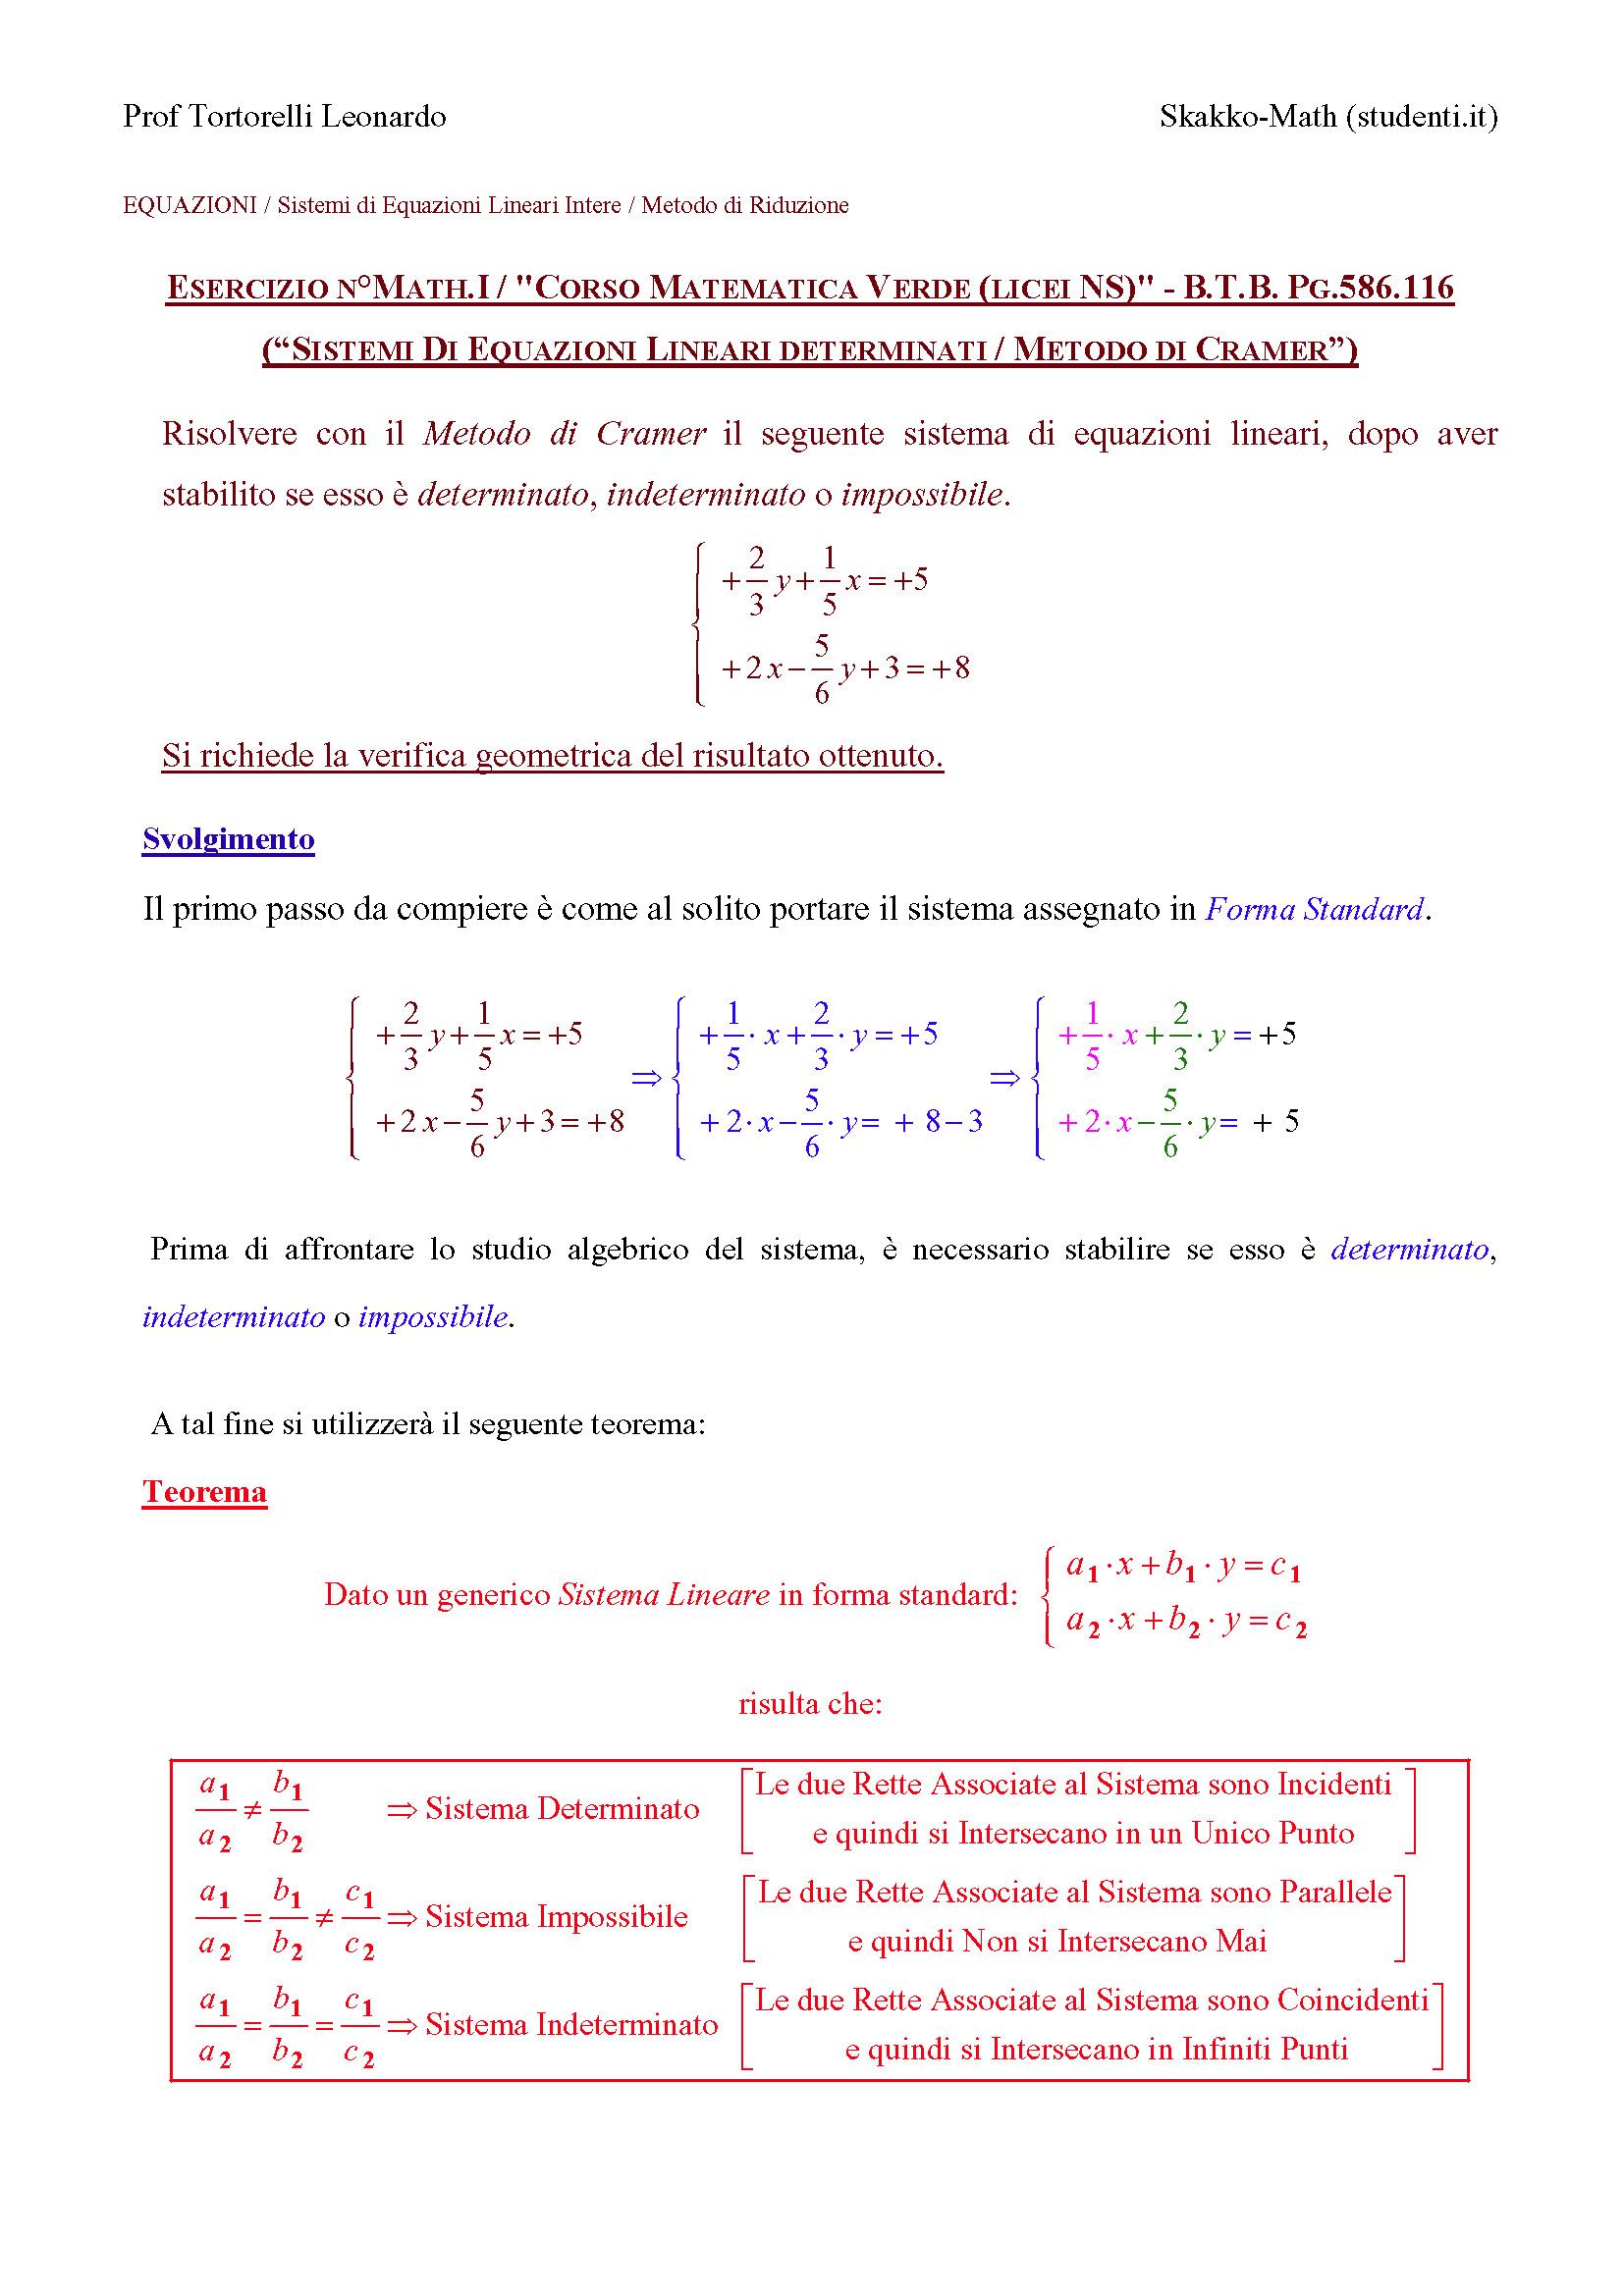 Sistemi Lineari Risolti con il Metodo di Cramer 116  SkakkoMath  Phys MatematicaFisica